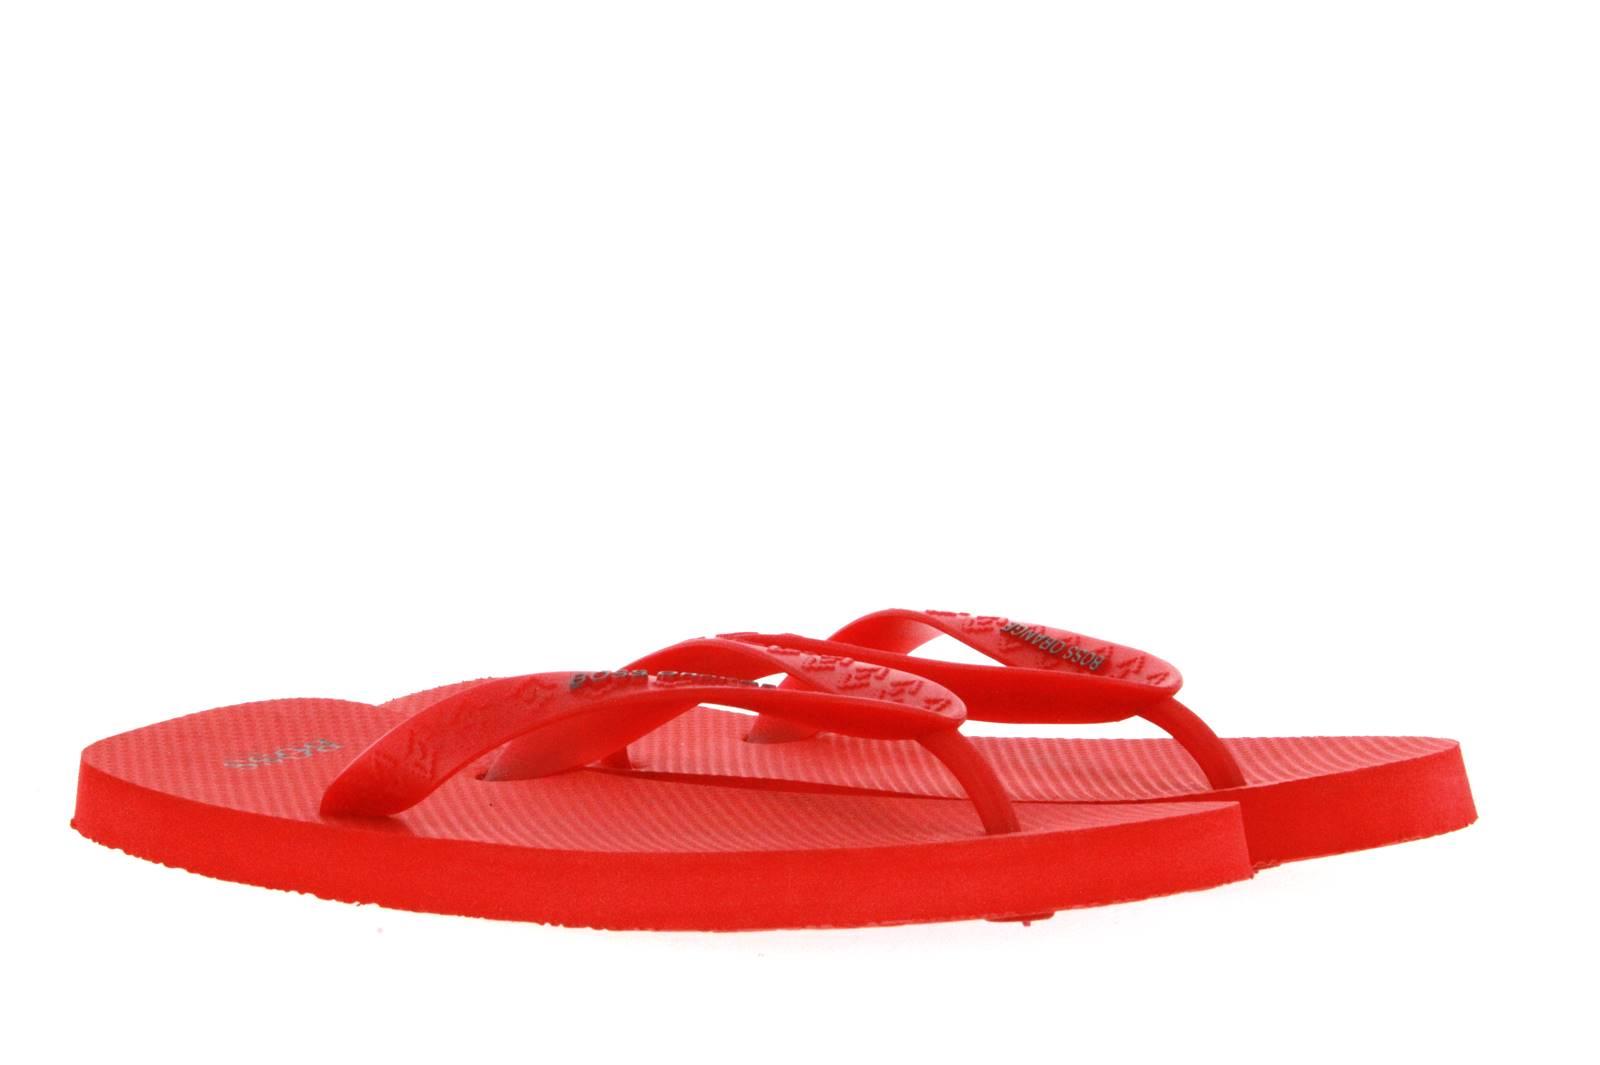 Hugo Boss Flip Flop LOY RED (41-42)